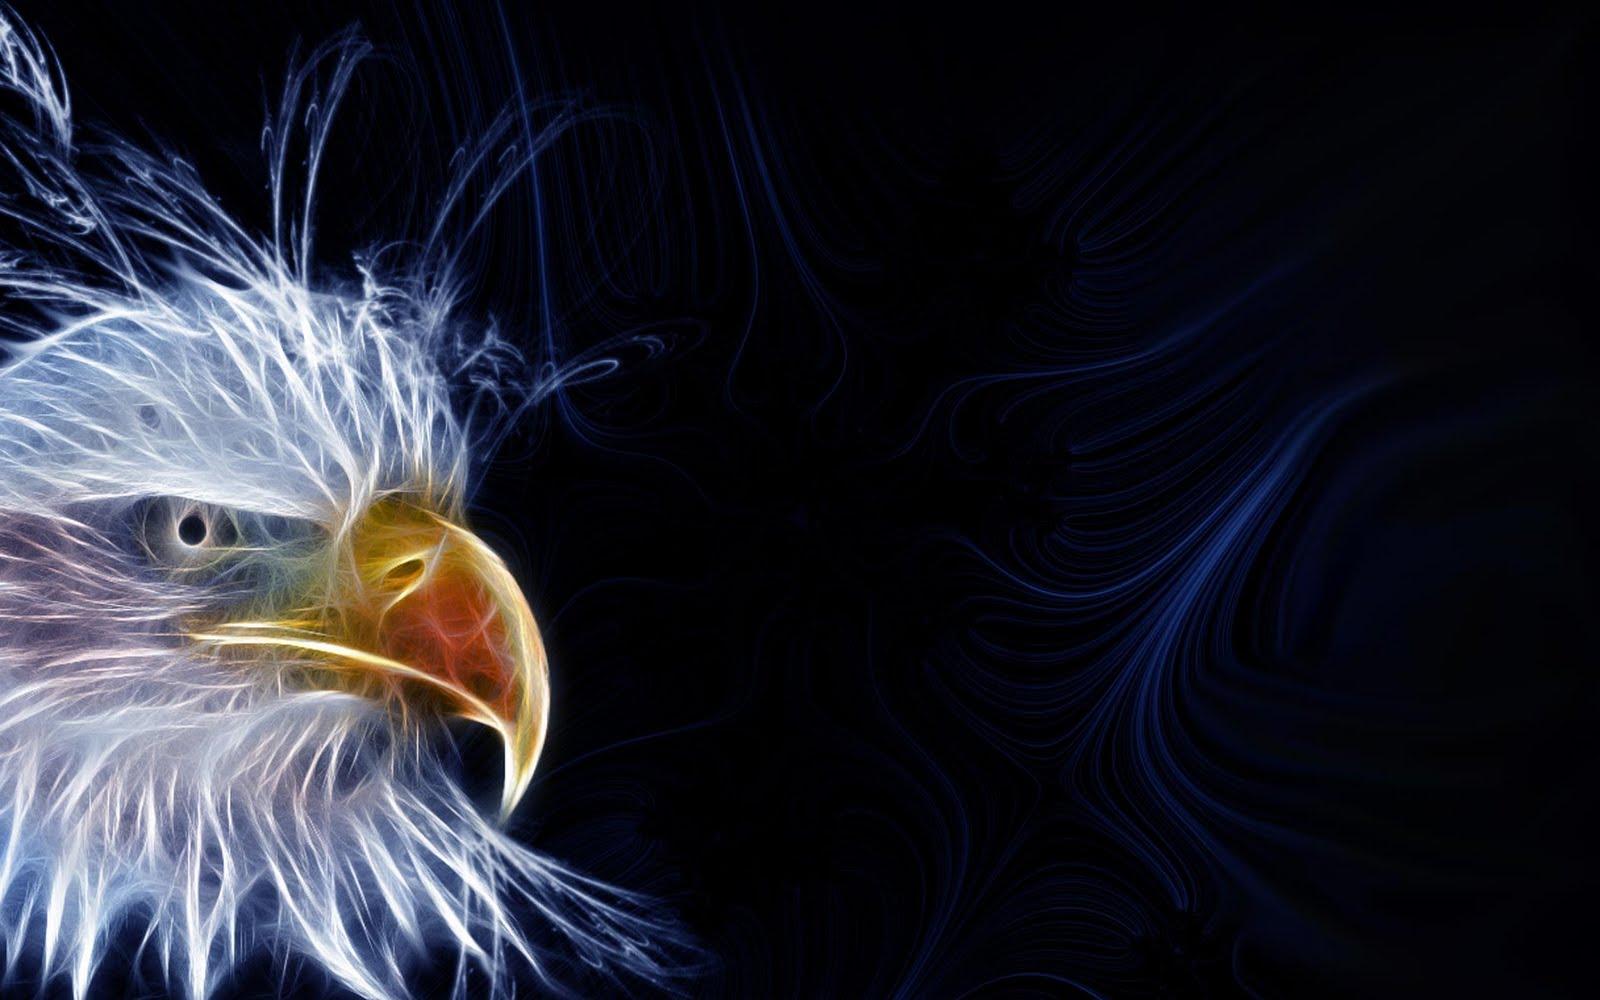 http://4.bp.blogspot.com/-_nRS8HrBTpI/TcW4xd-joBI/AAAAAAAAACw/Sox6aAnk5Yw/s1600/Bald_eagle_head.jpg